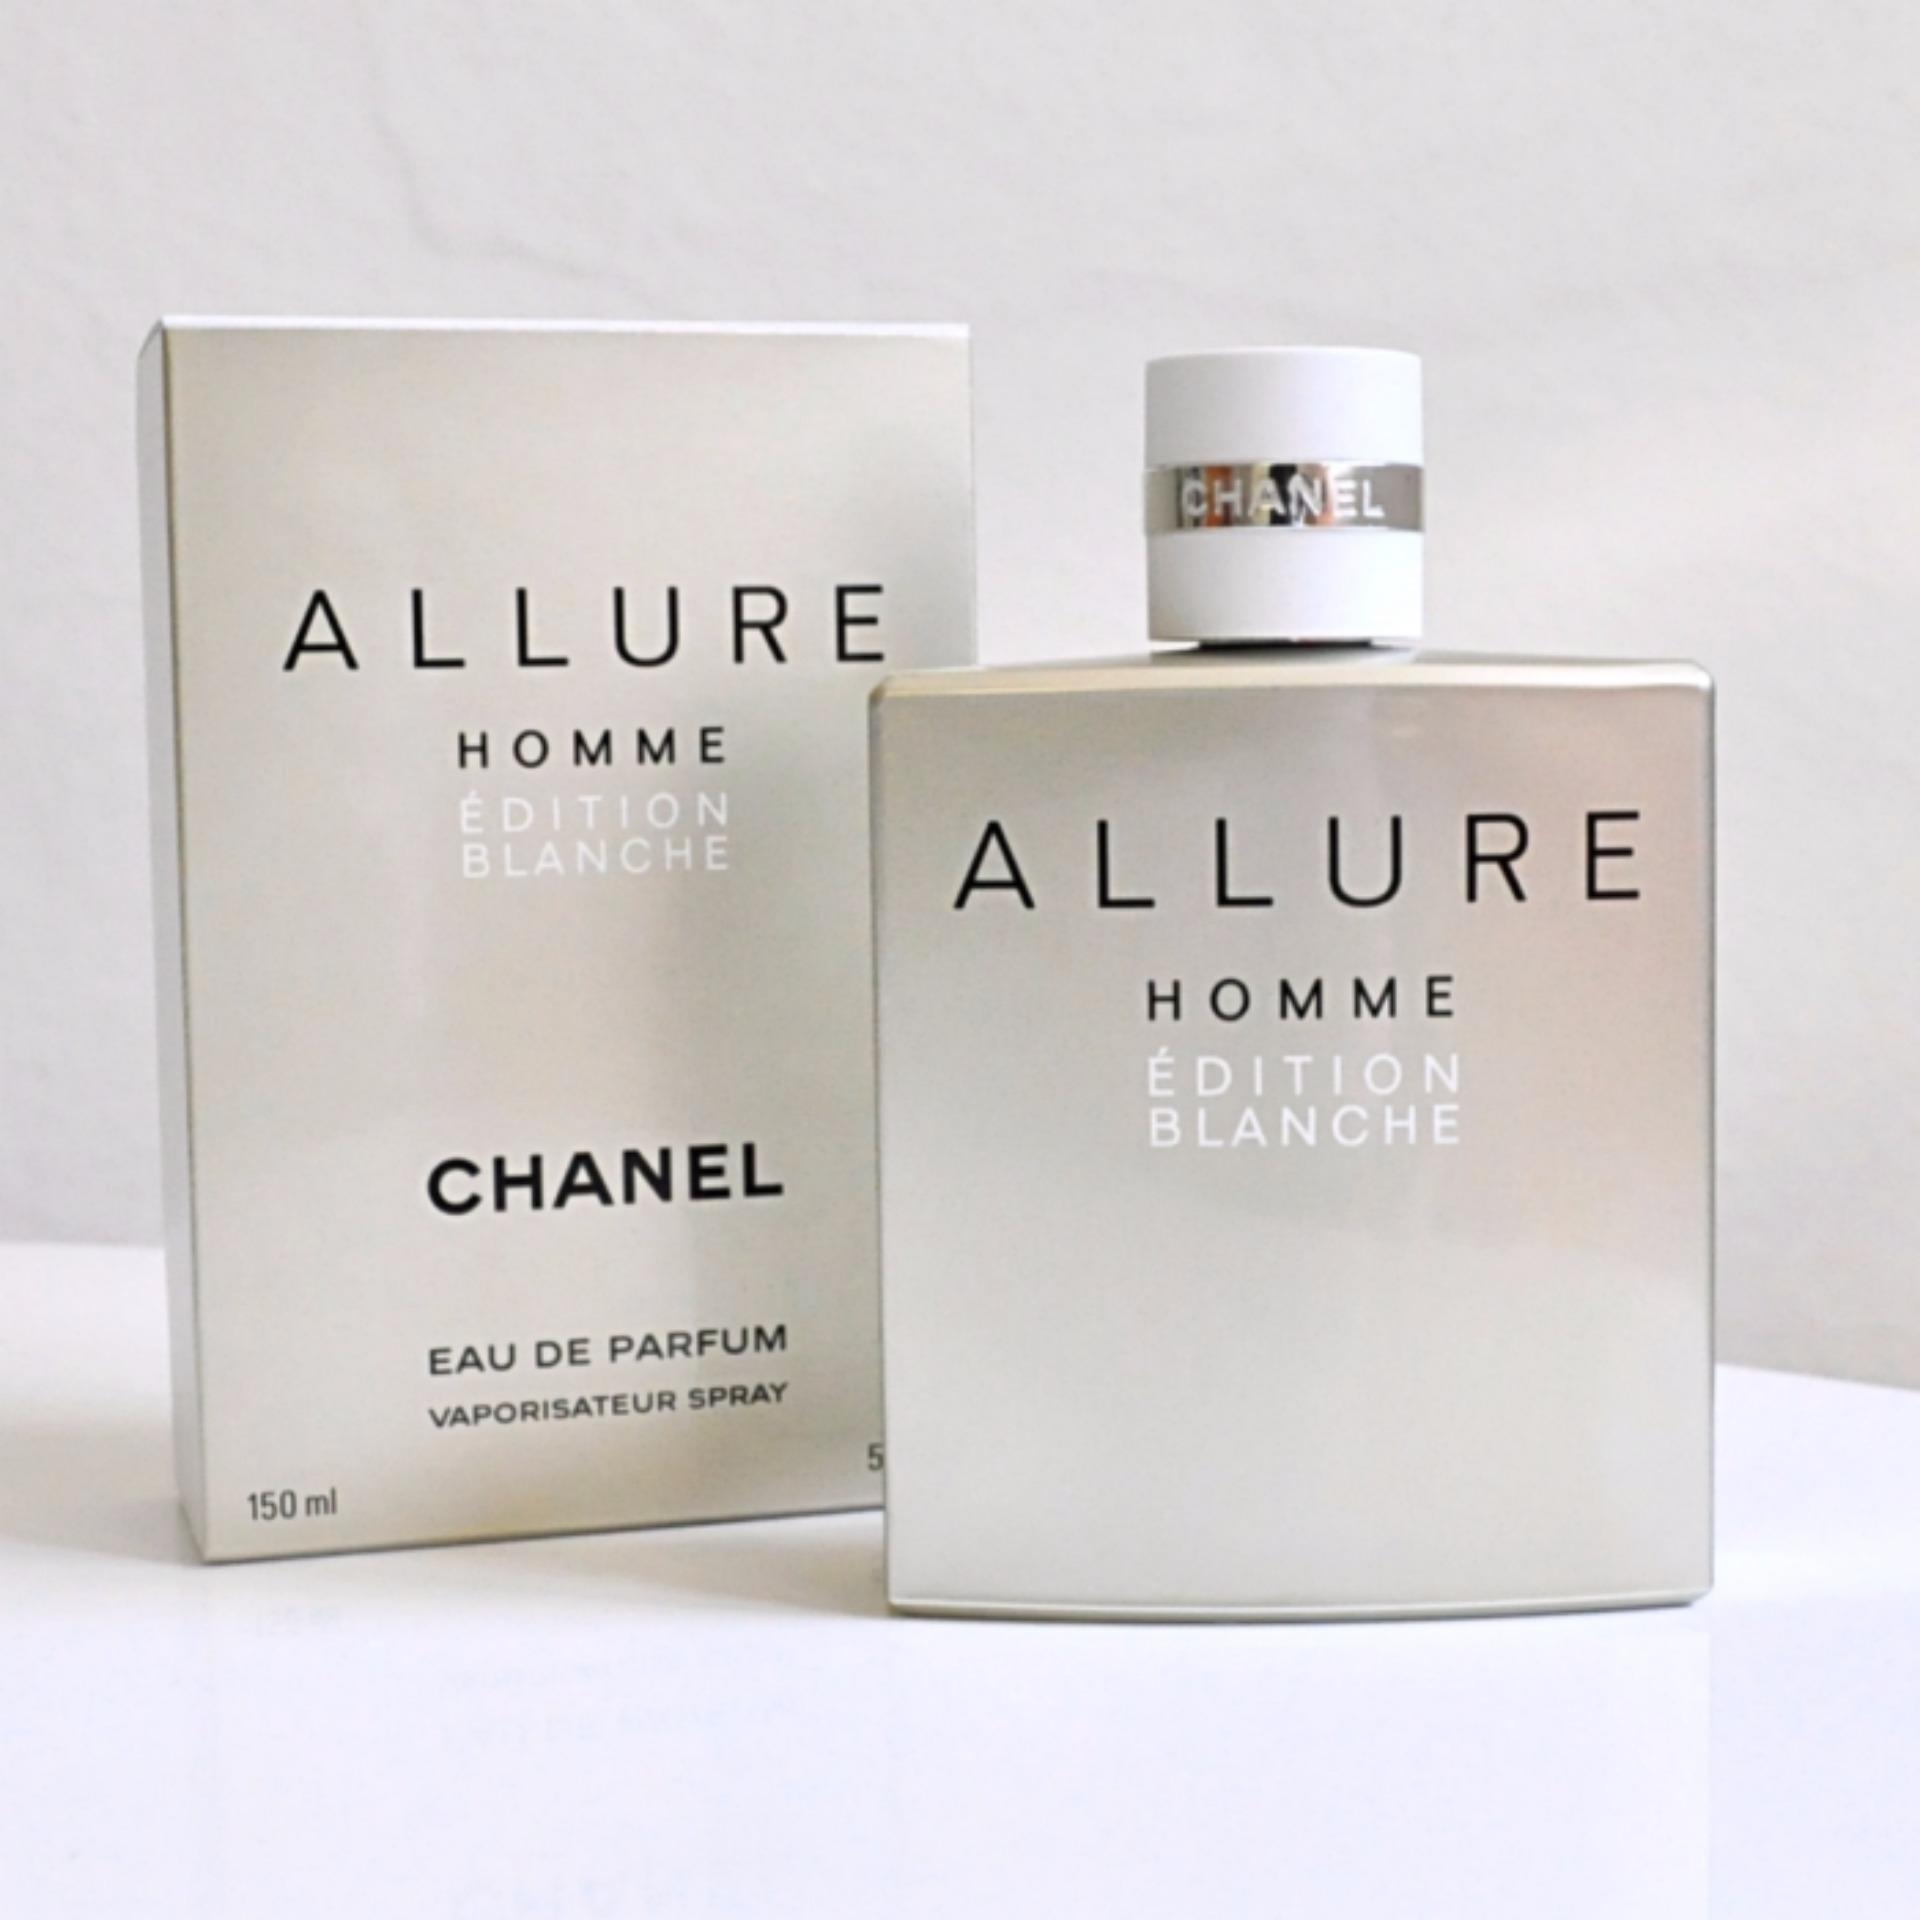 Nươc hoa nam Cha.nel Allure Homme Edition Blanche 50ML của PHÁP